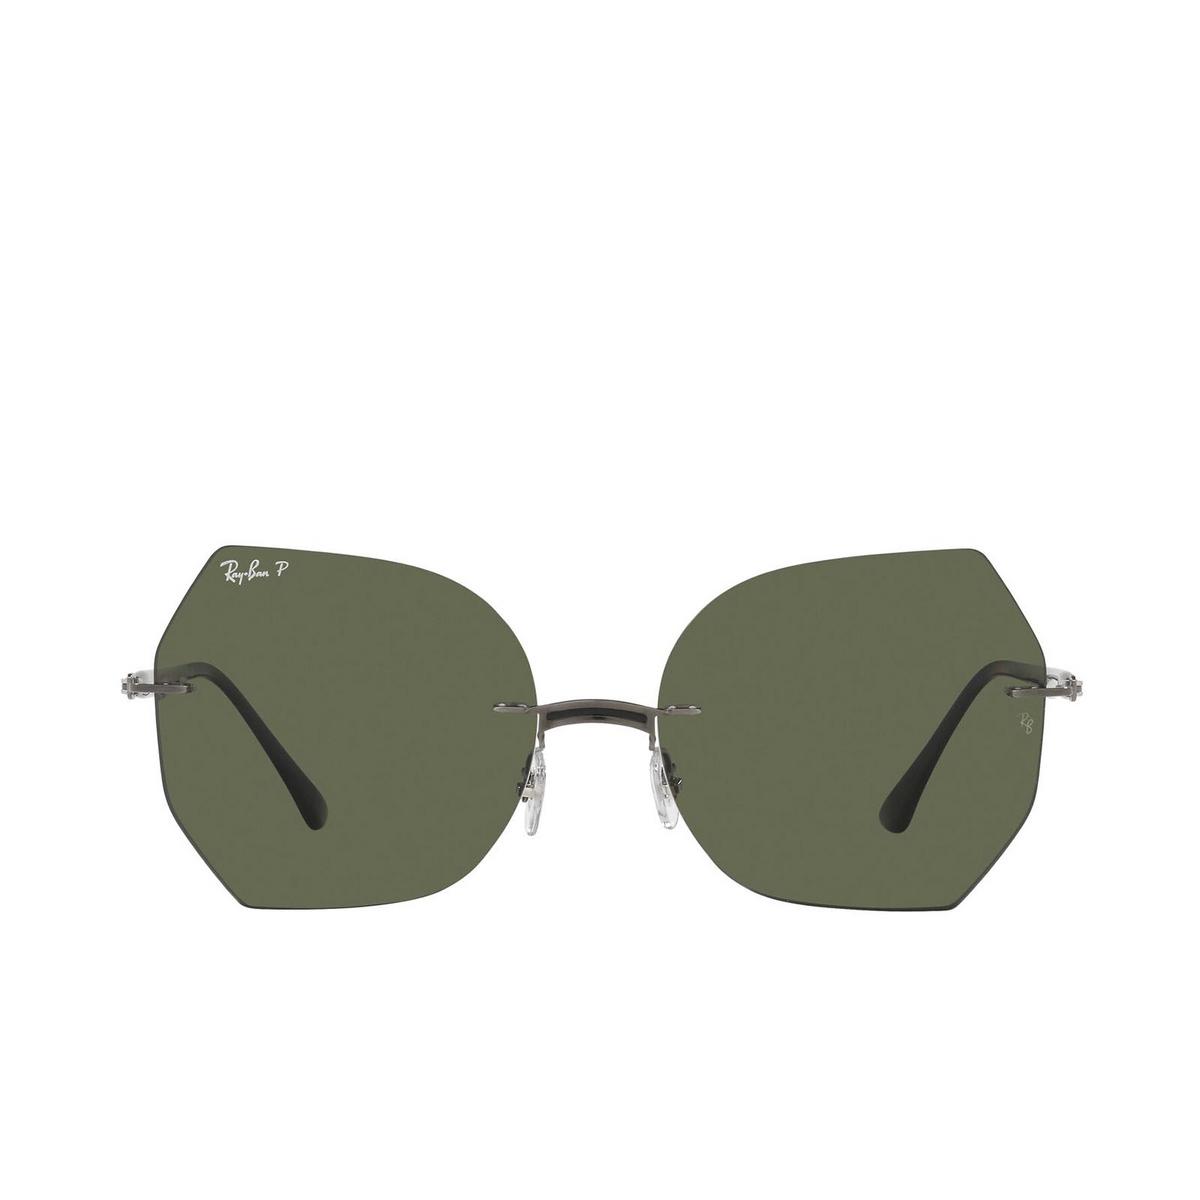 Ray-Ban® Irregular Sunglasses: RB8065 color Black On Gunmetal 004/9A.